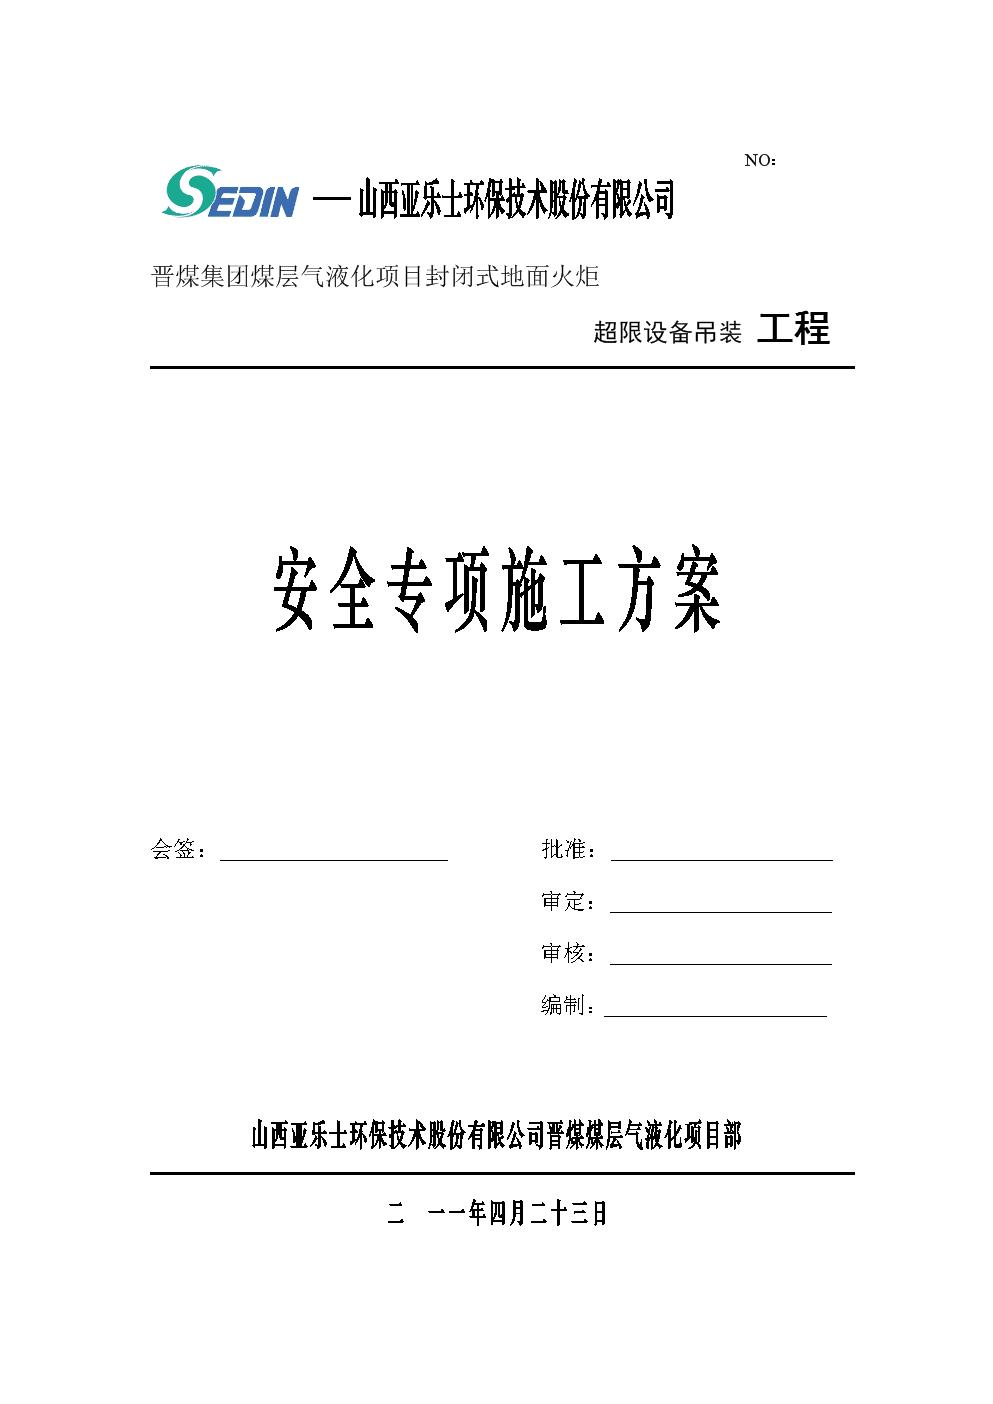 报告:安全专项施工方案.doc